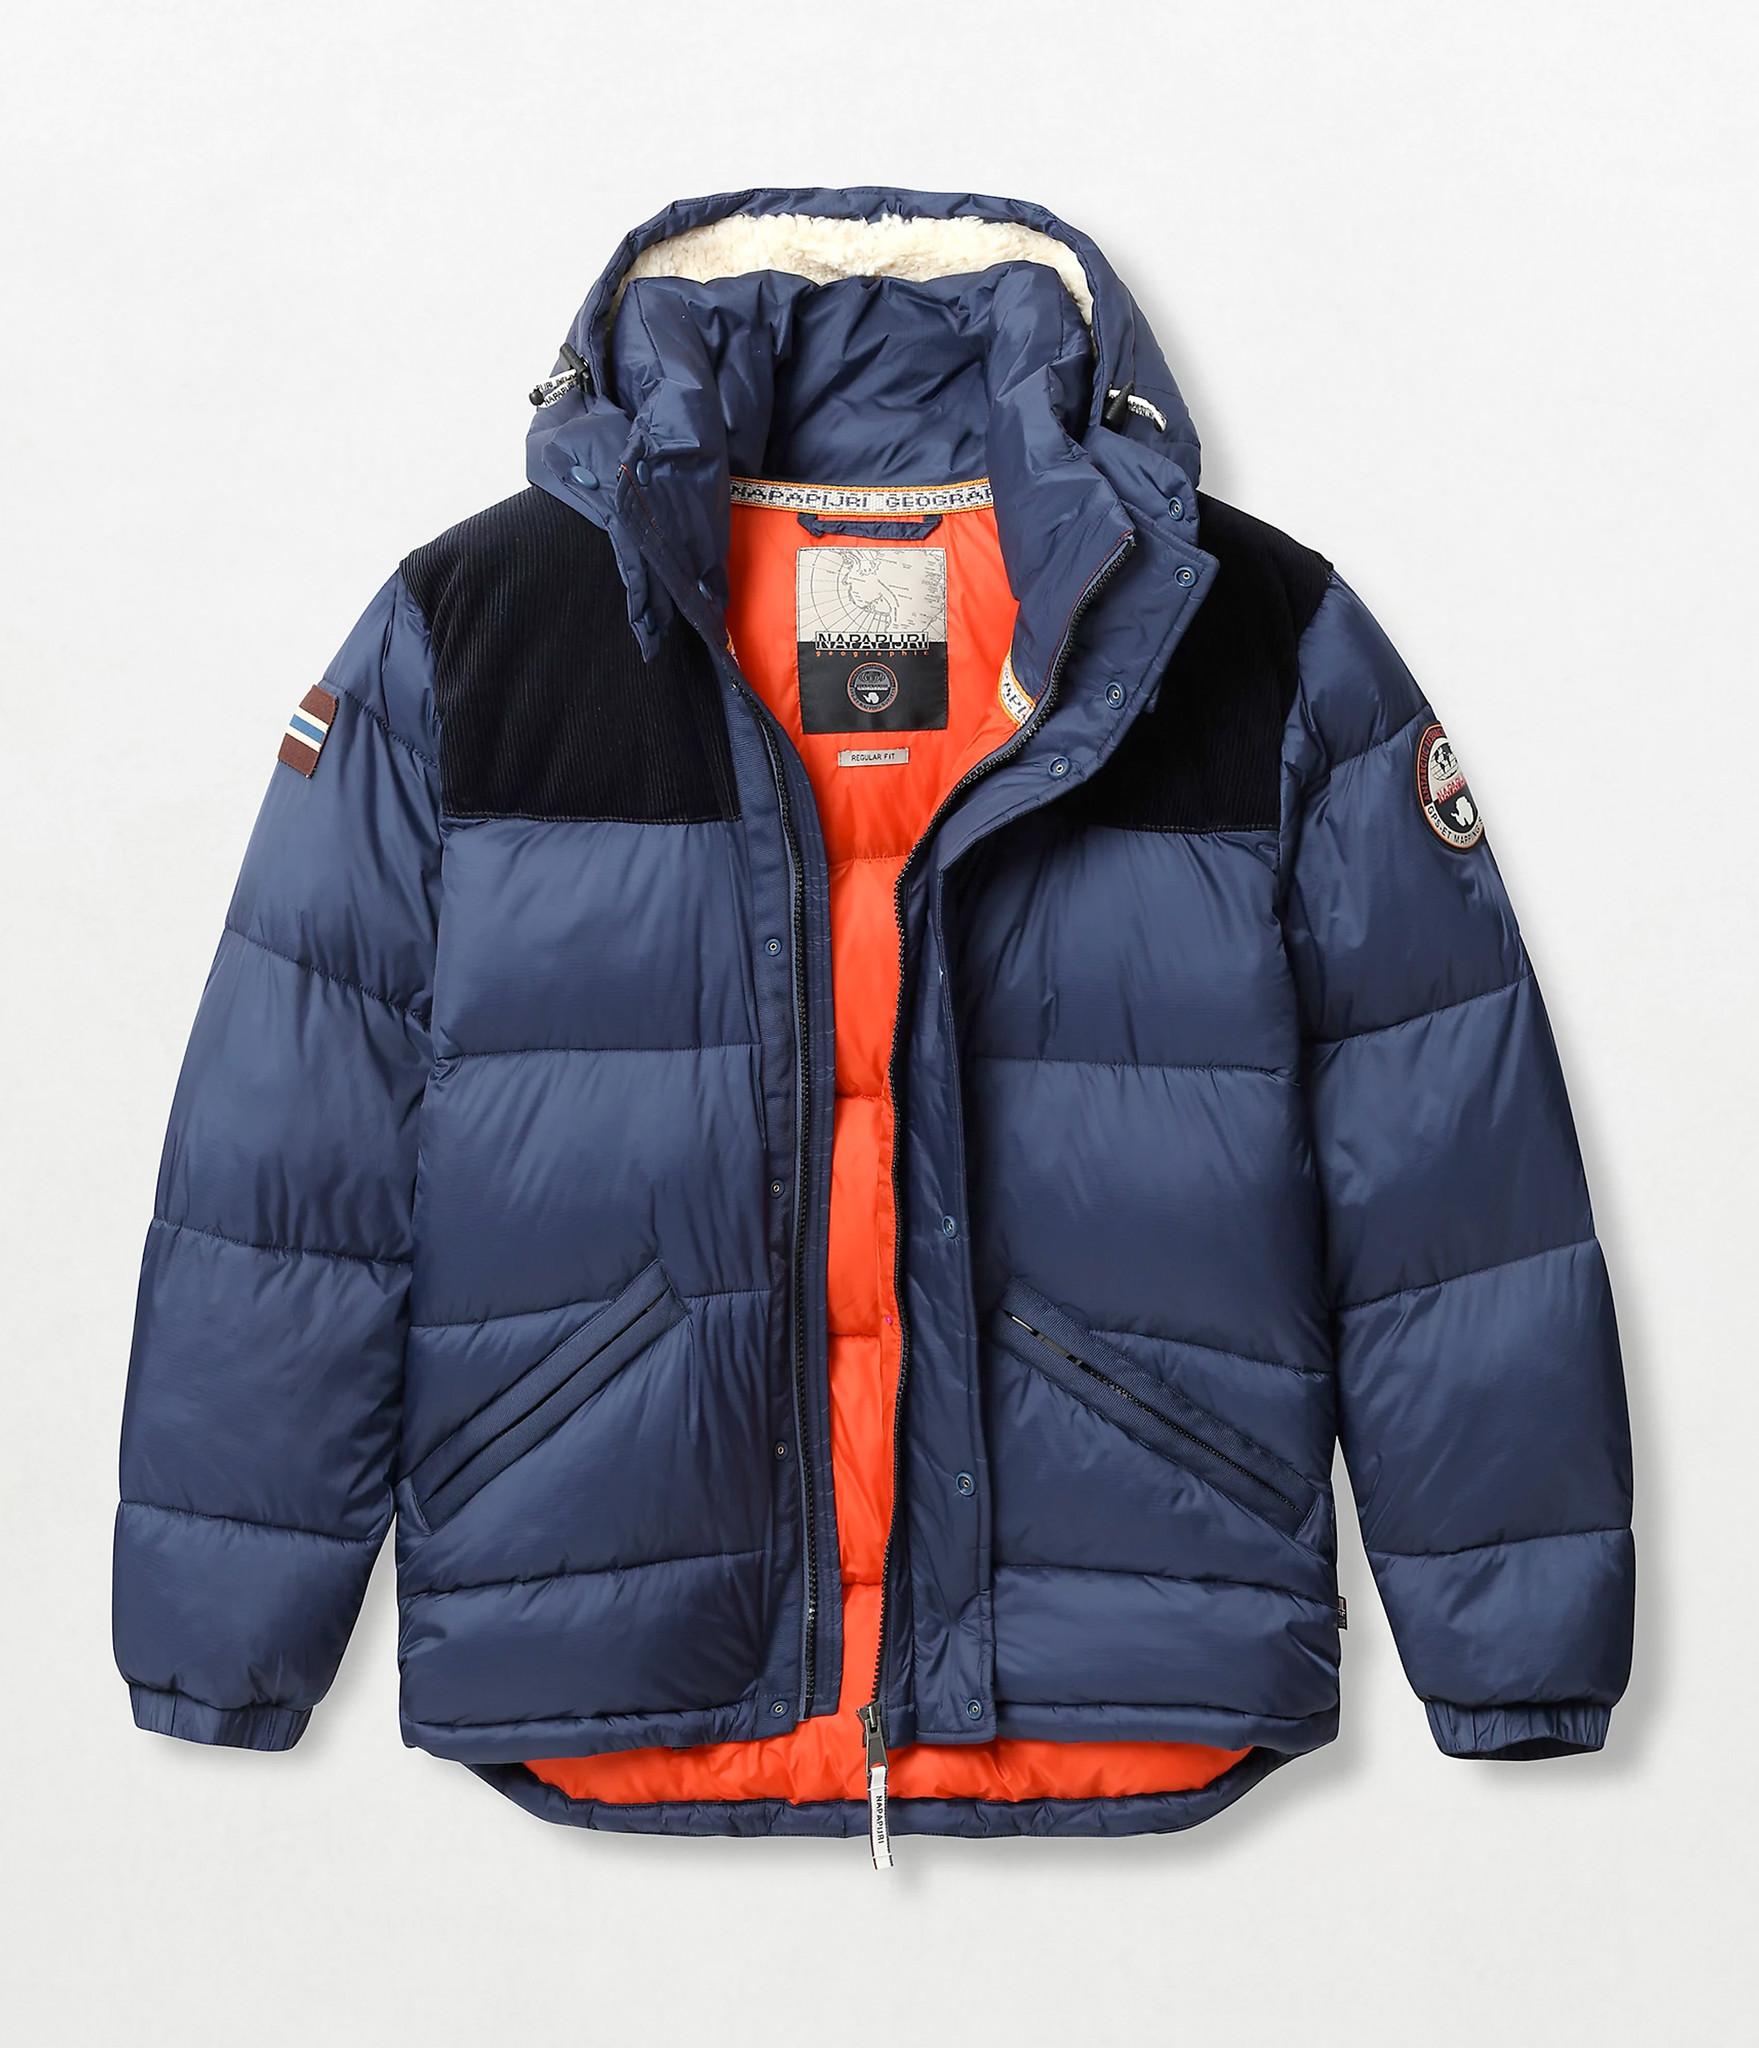 Napapijri Antero Coat